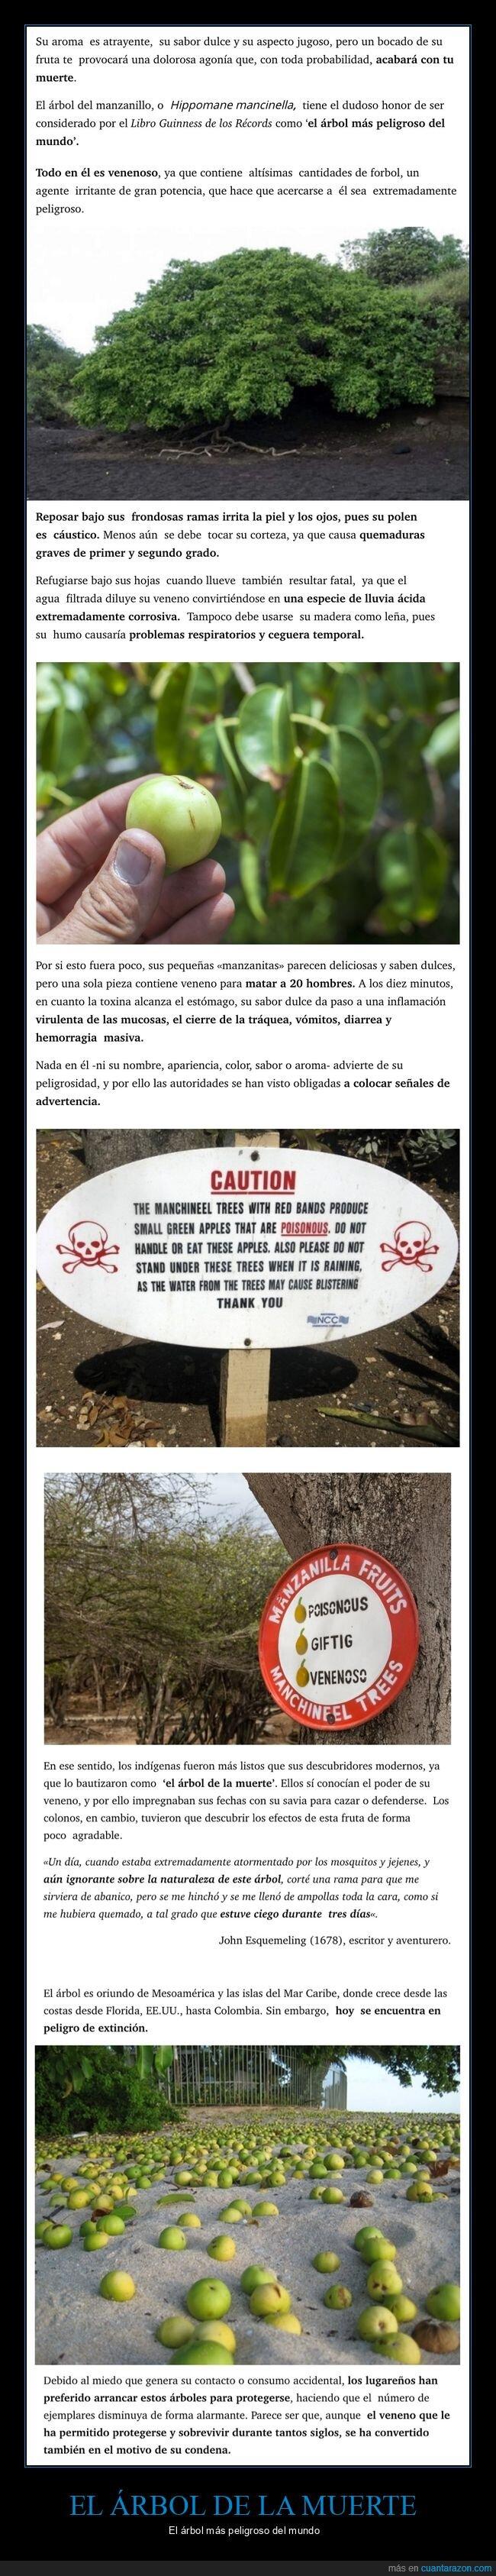 árbol de la muerte,curiosidades,peligroso